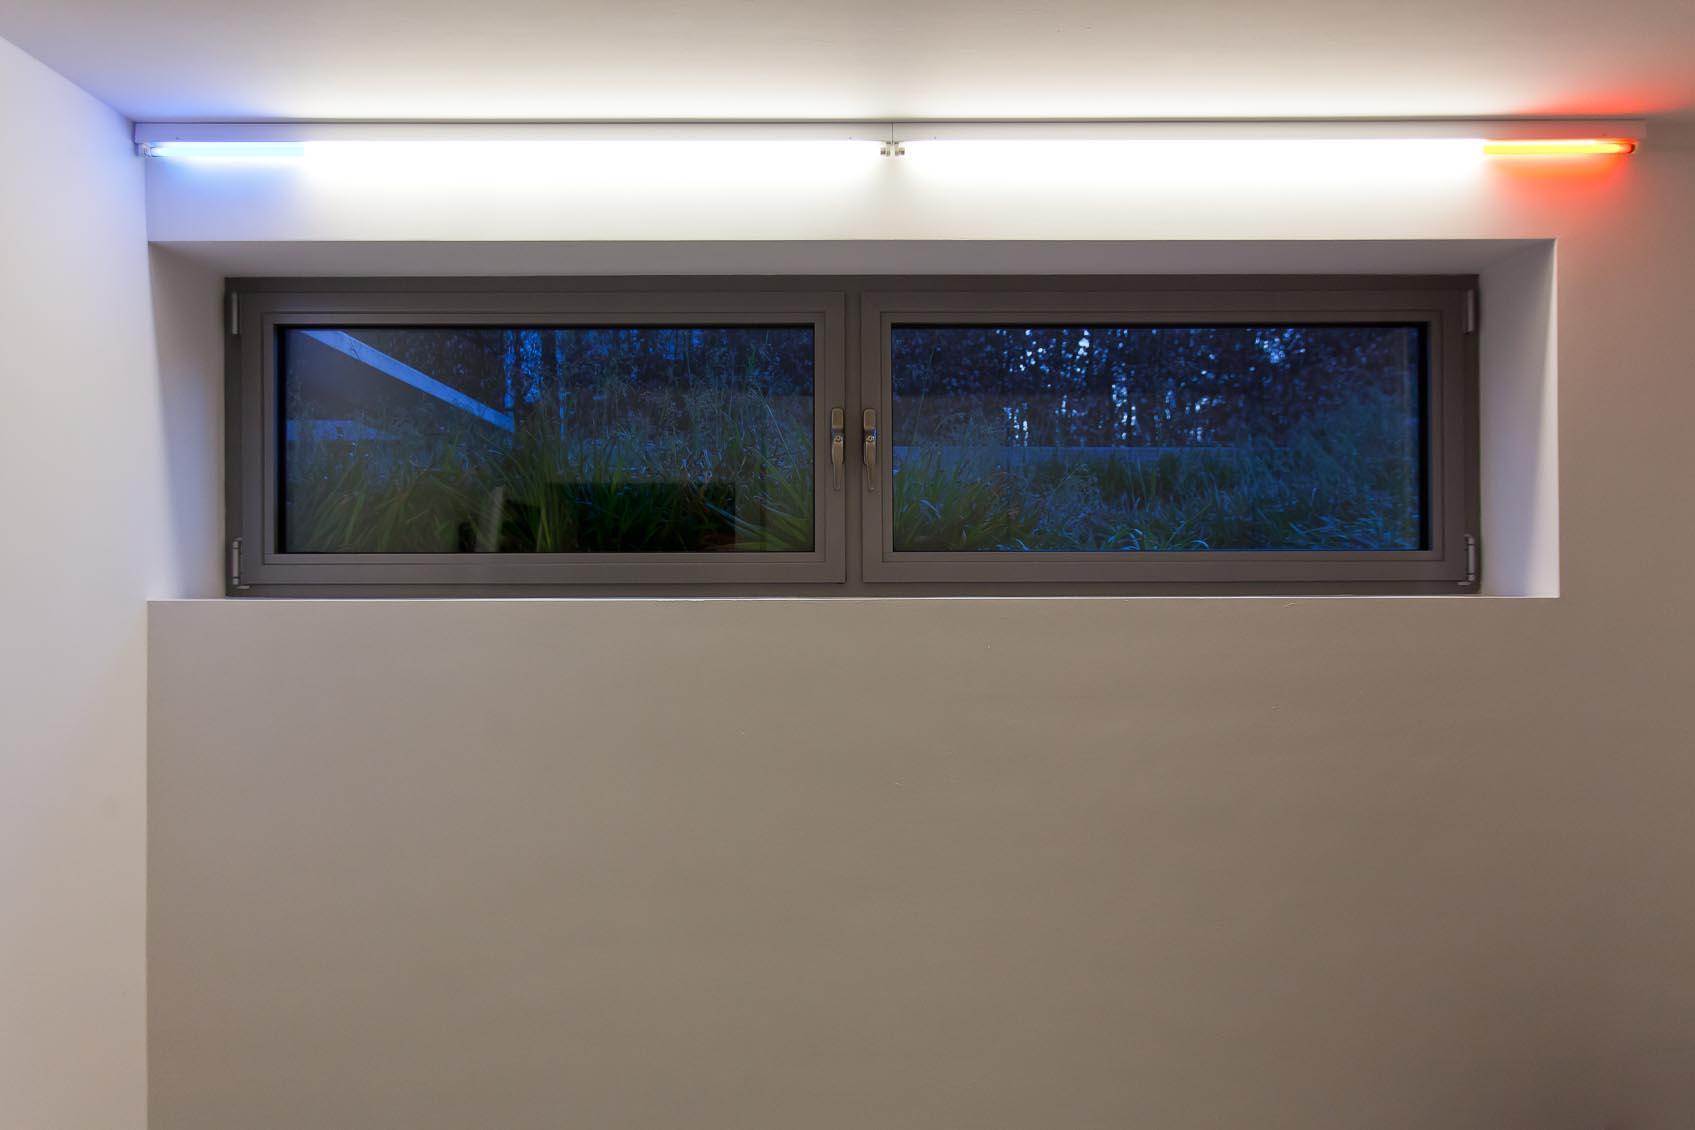 licht architecturaal kleur accent